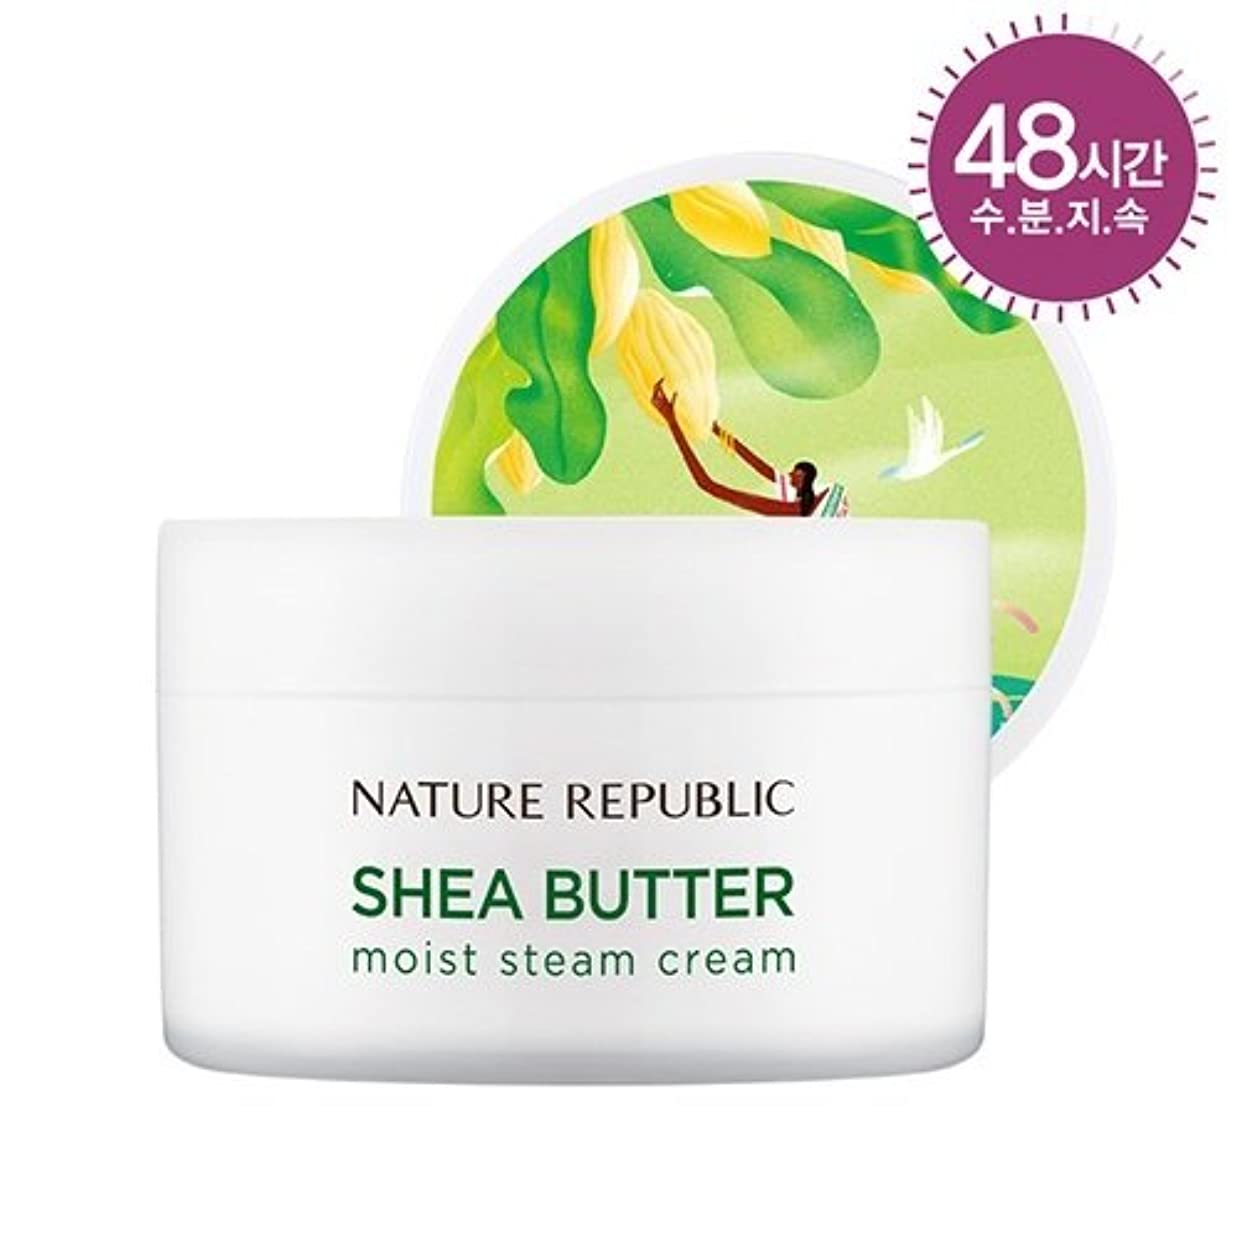 爪持つ住居NATURE REPUBLIC(ネイチャーリパブリック) SHEA BUTTER STEAM CREAM シアバター スチーム クリーム #モイスト乾燥肌